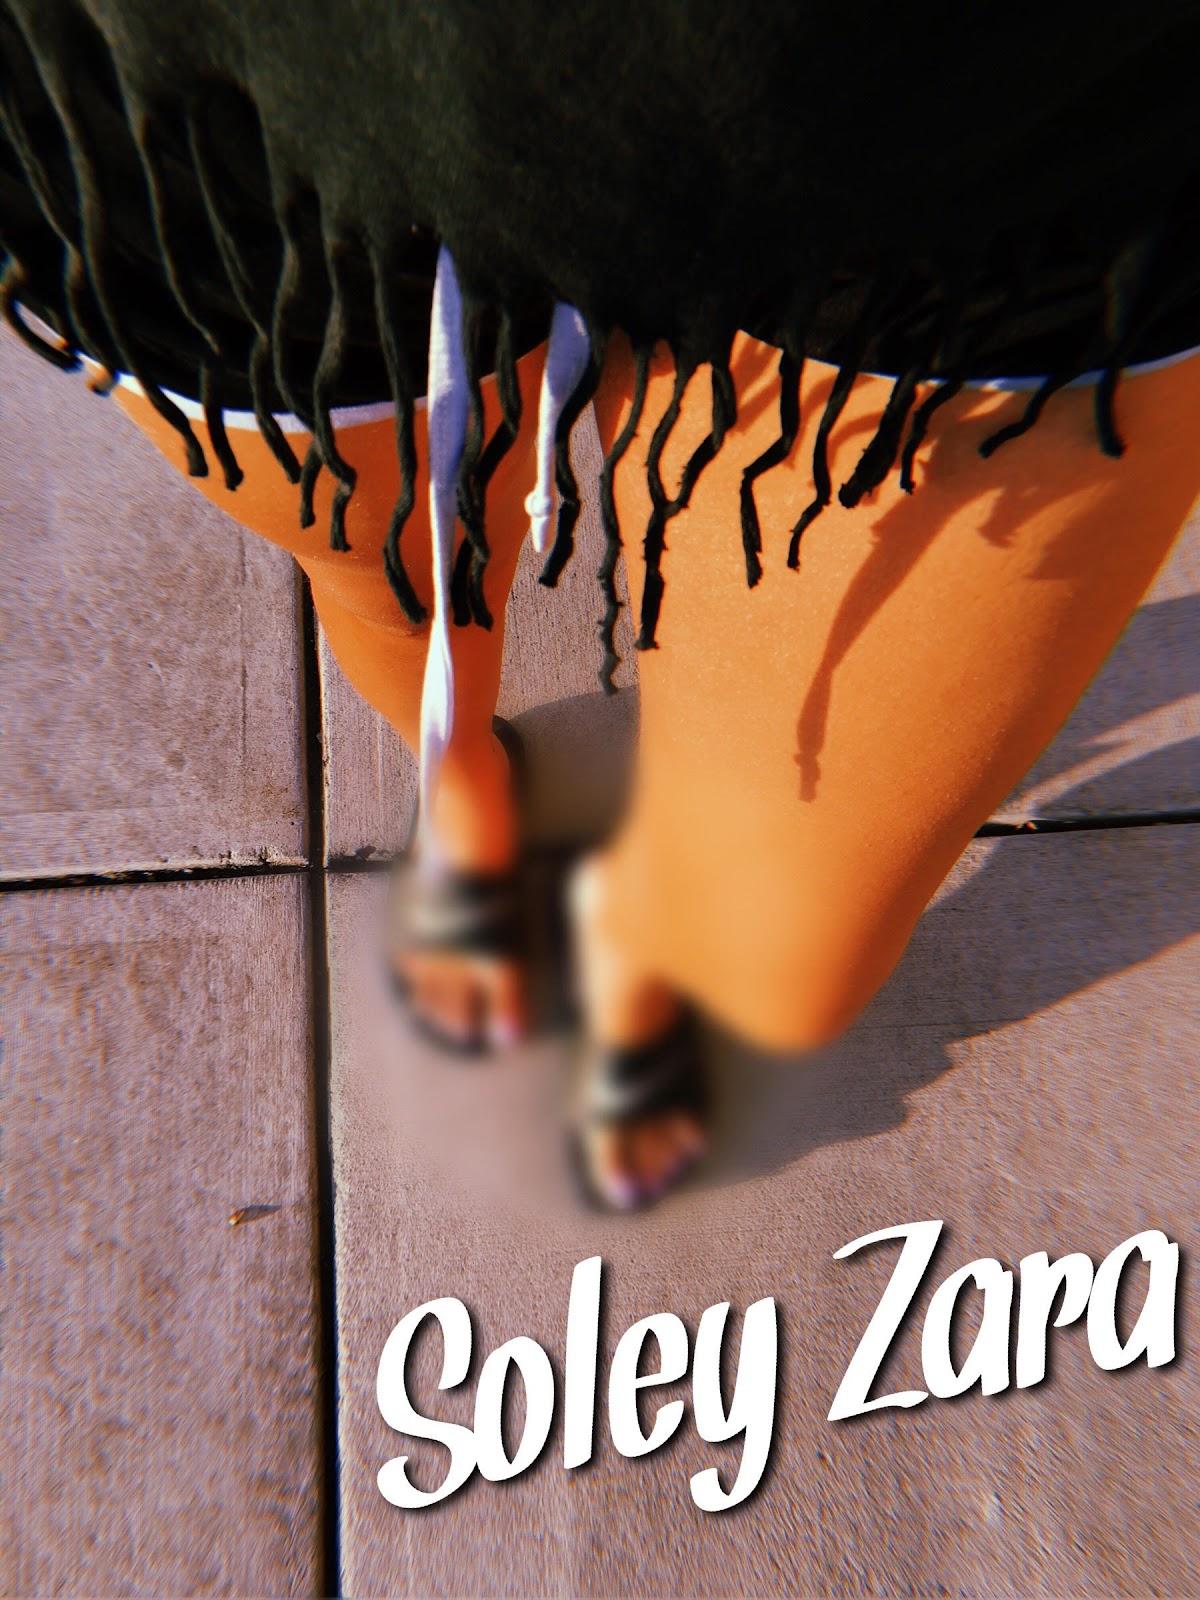 SoleyZara FeetFinder FeetPics